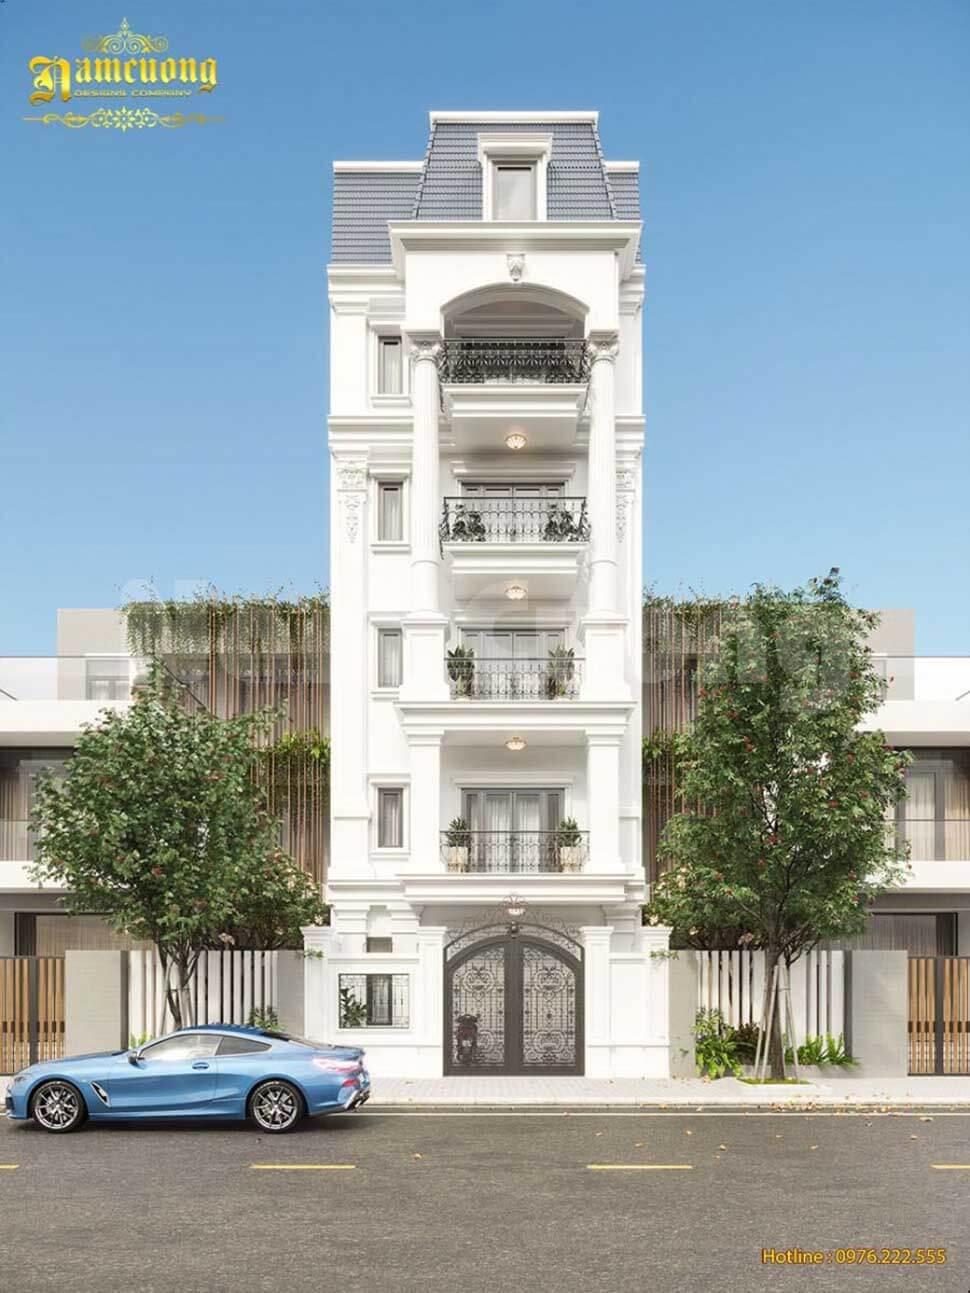 Chỉ nên thiết kế khoảng thông tầng cho những căn nhà cao từ 2 tầng trở lên